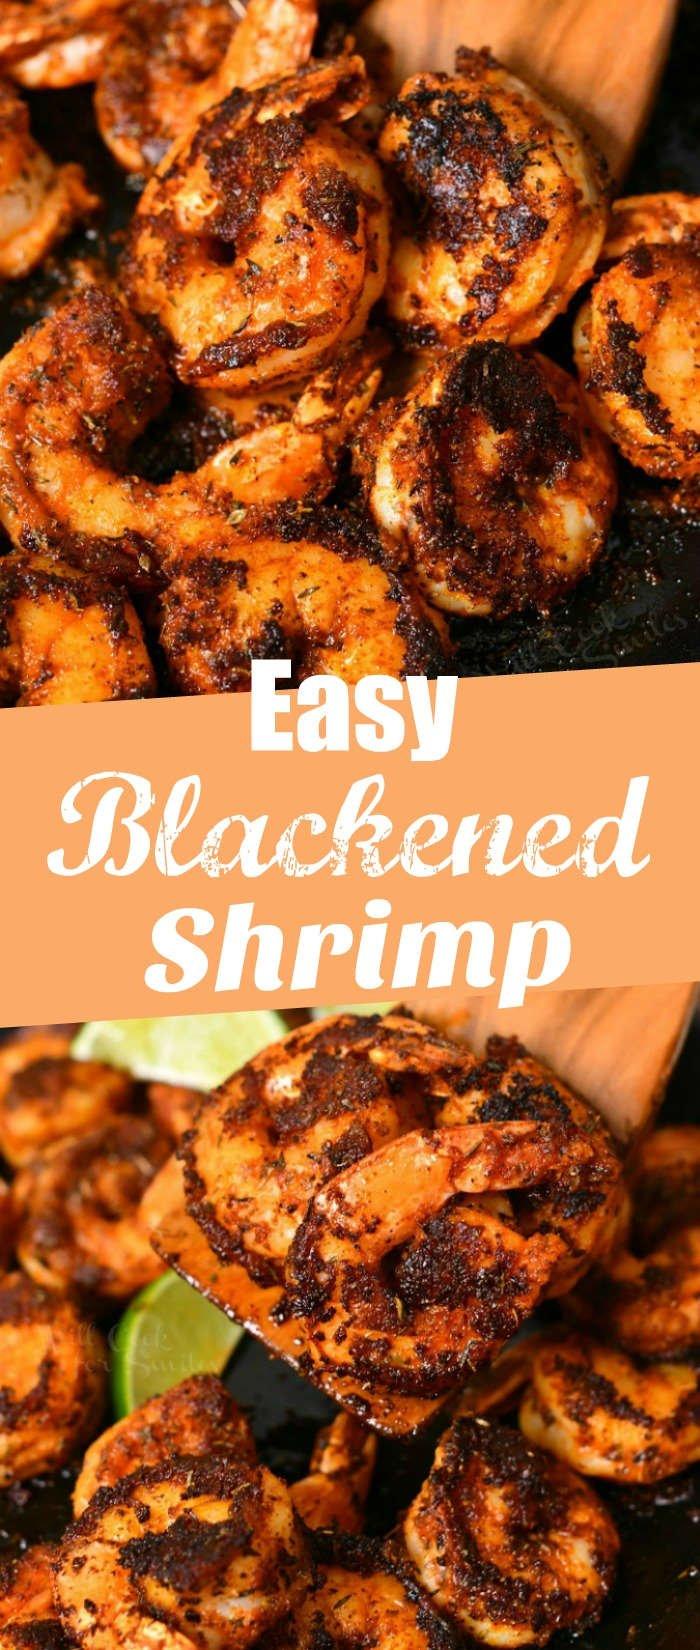 titled photo: Easy Blackened Shrimp